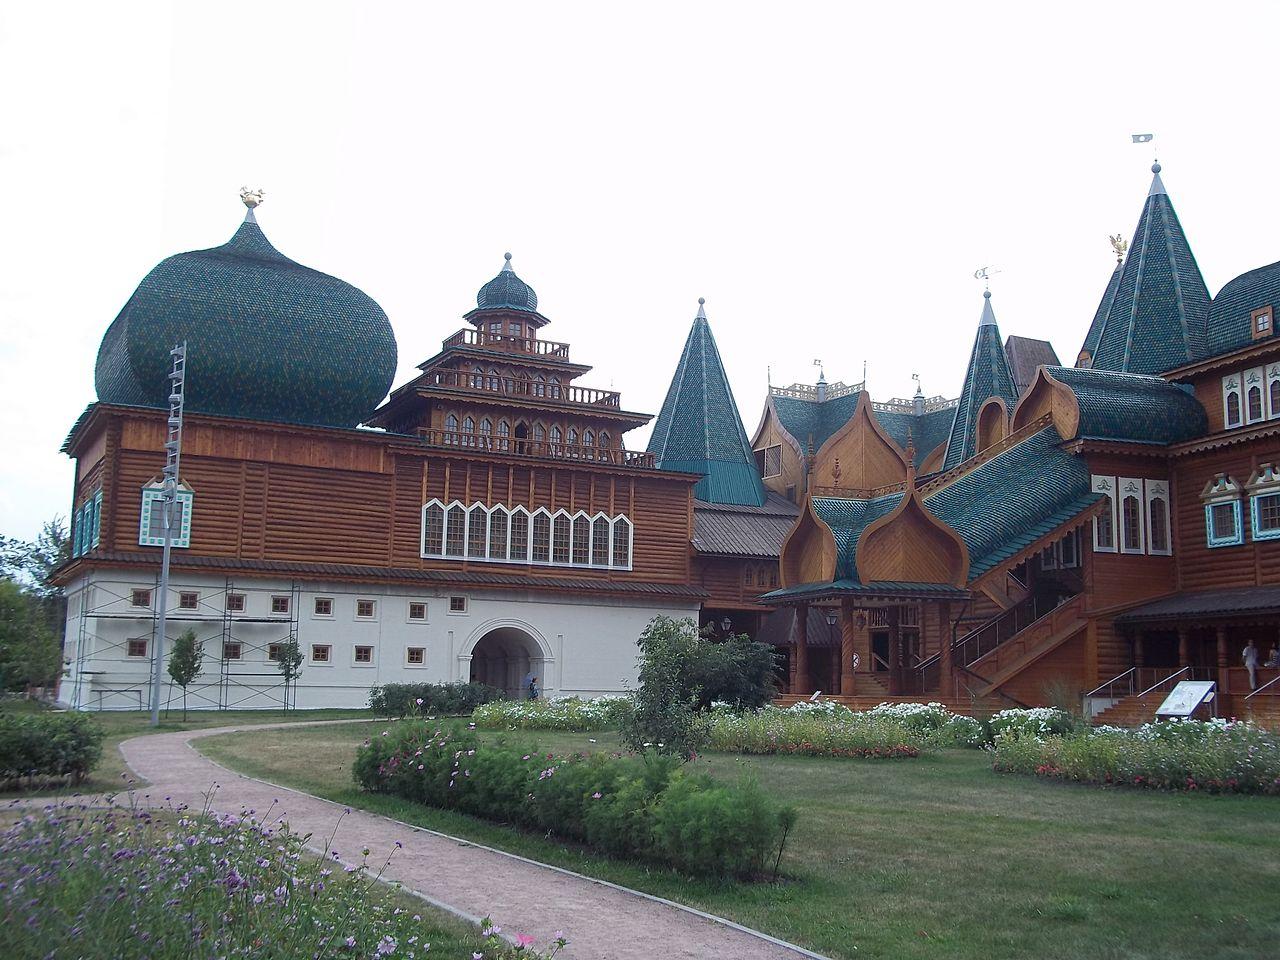 Коломенский дворец, крыльцо